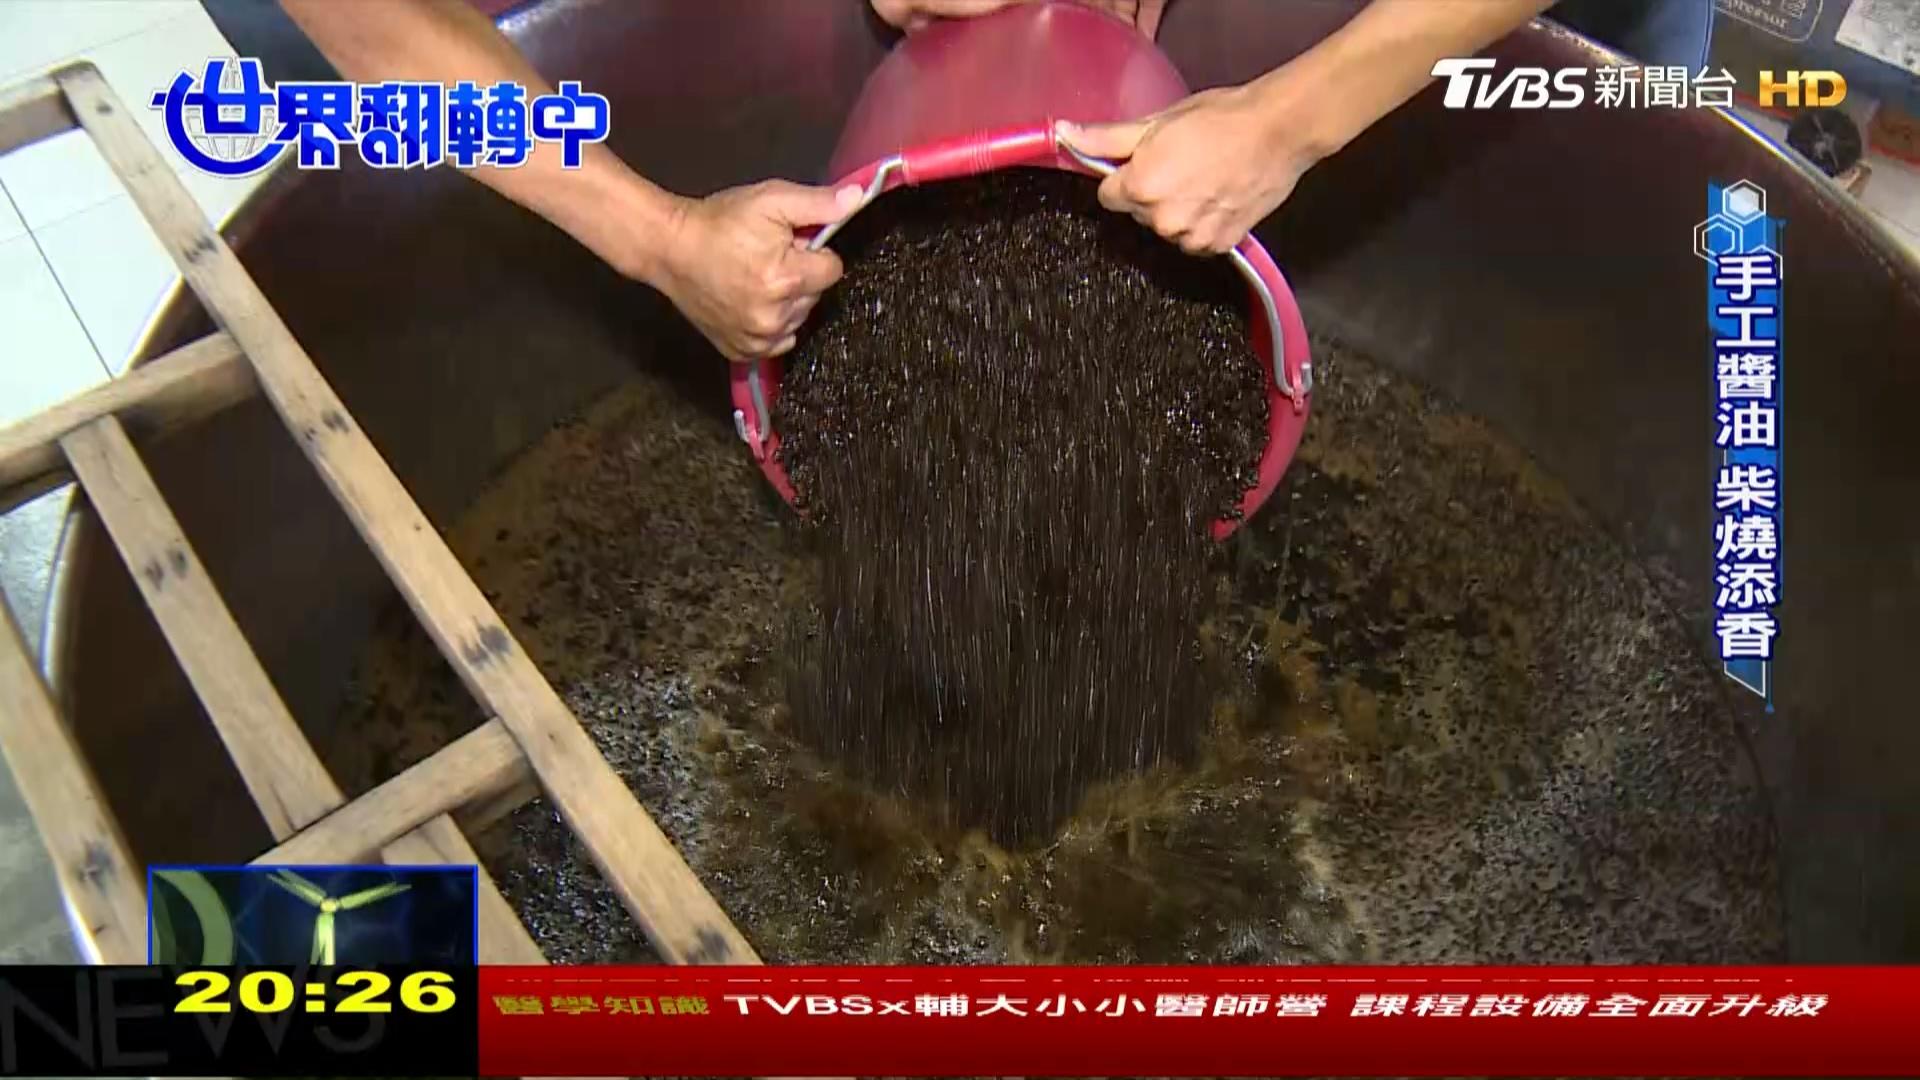 圖/TVBS 十六道工序古法製造 手工醬油傳承三代